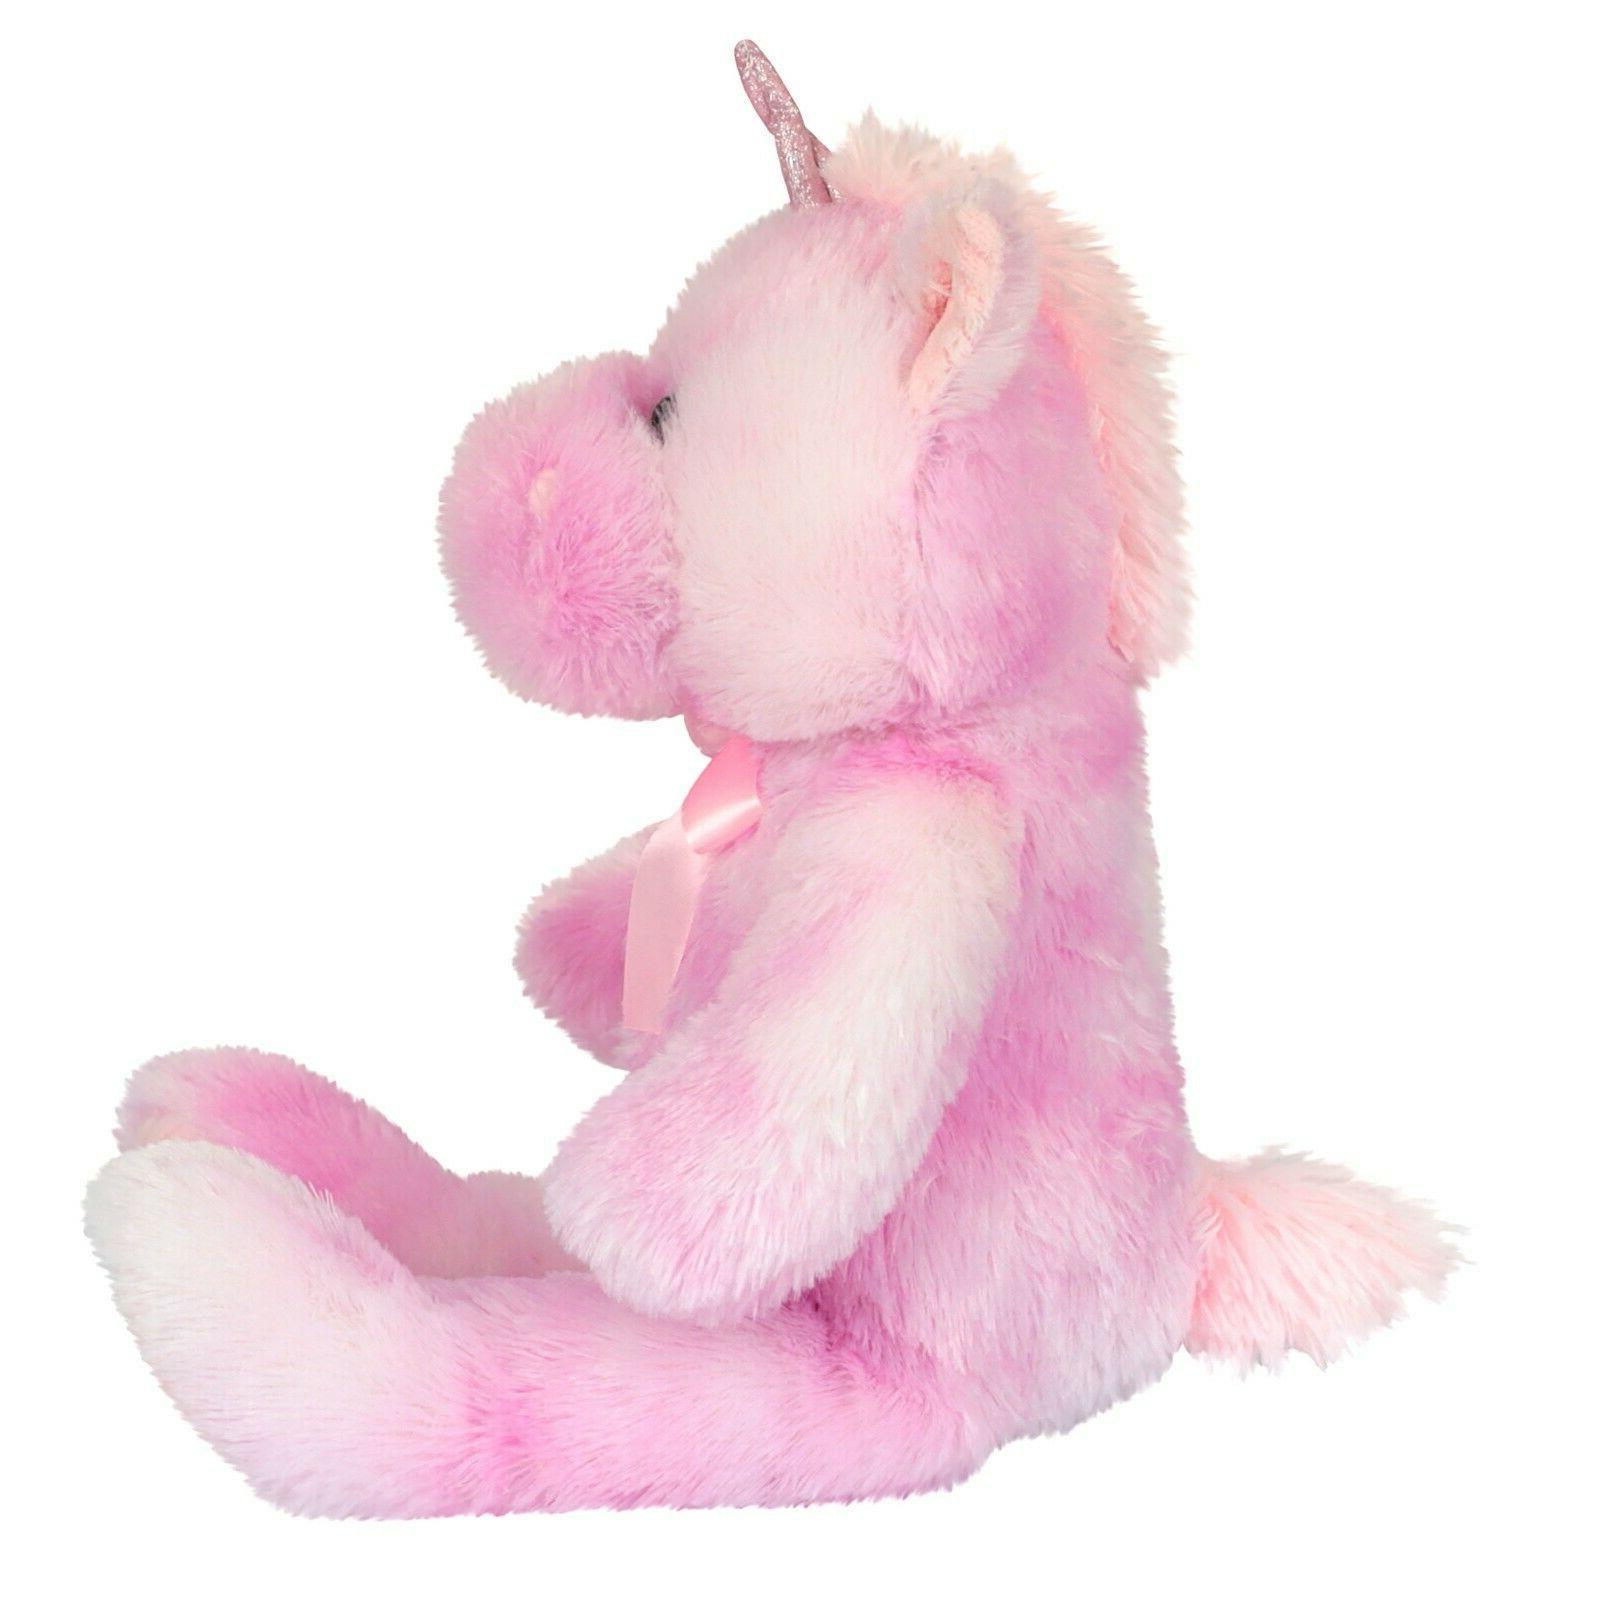 Large Unicorn Plush Stuffed Soft